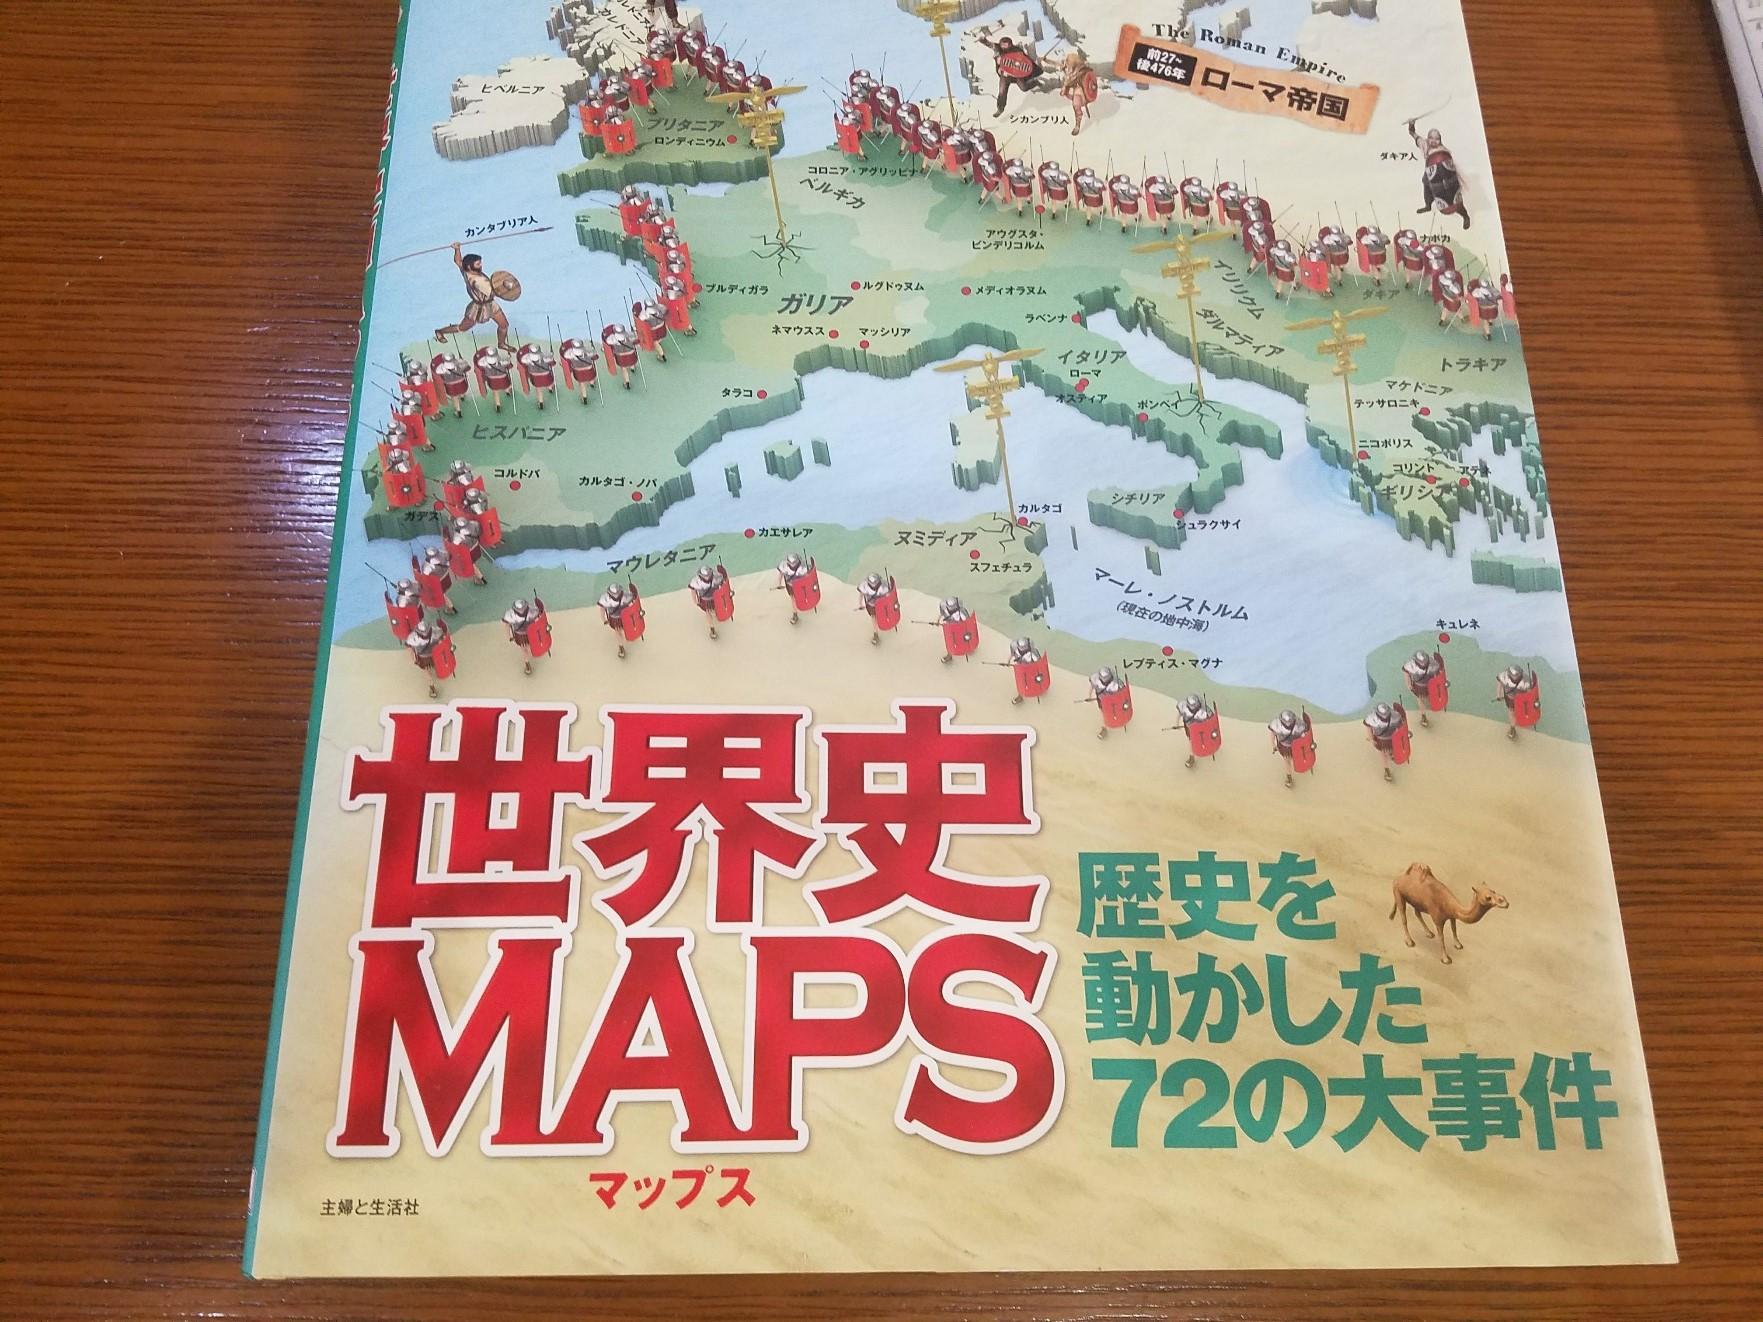 斎藤センセイが子どもたちに読んでほしい本 その2